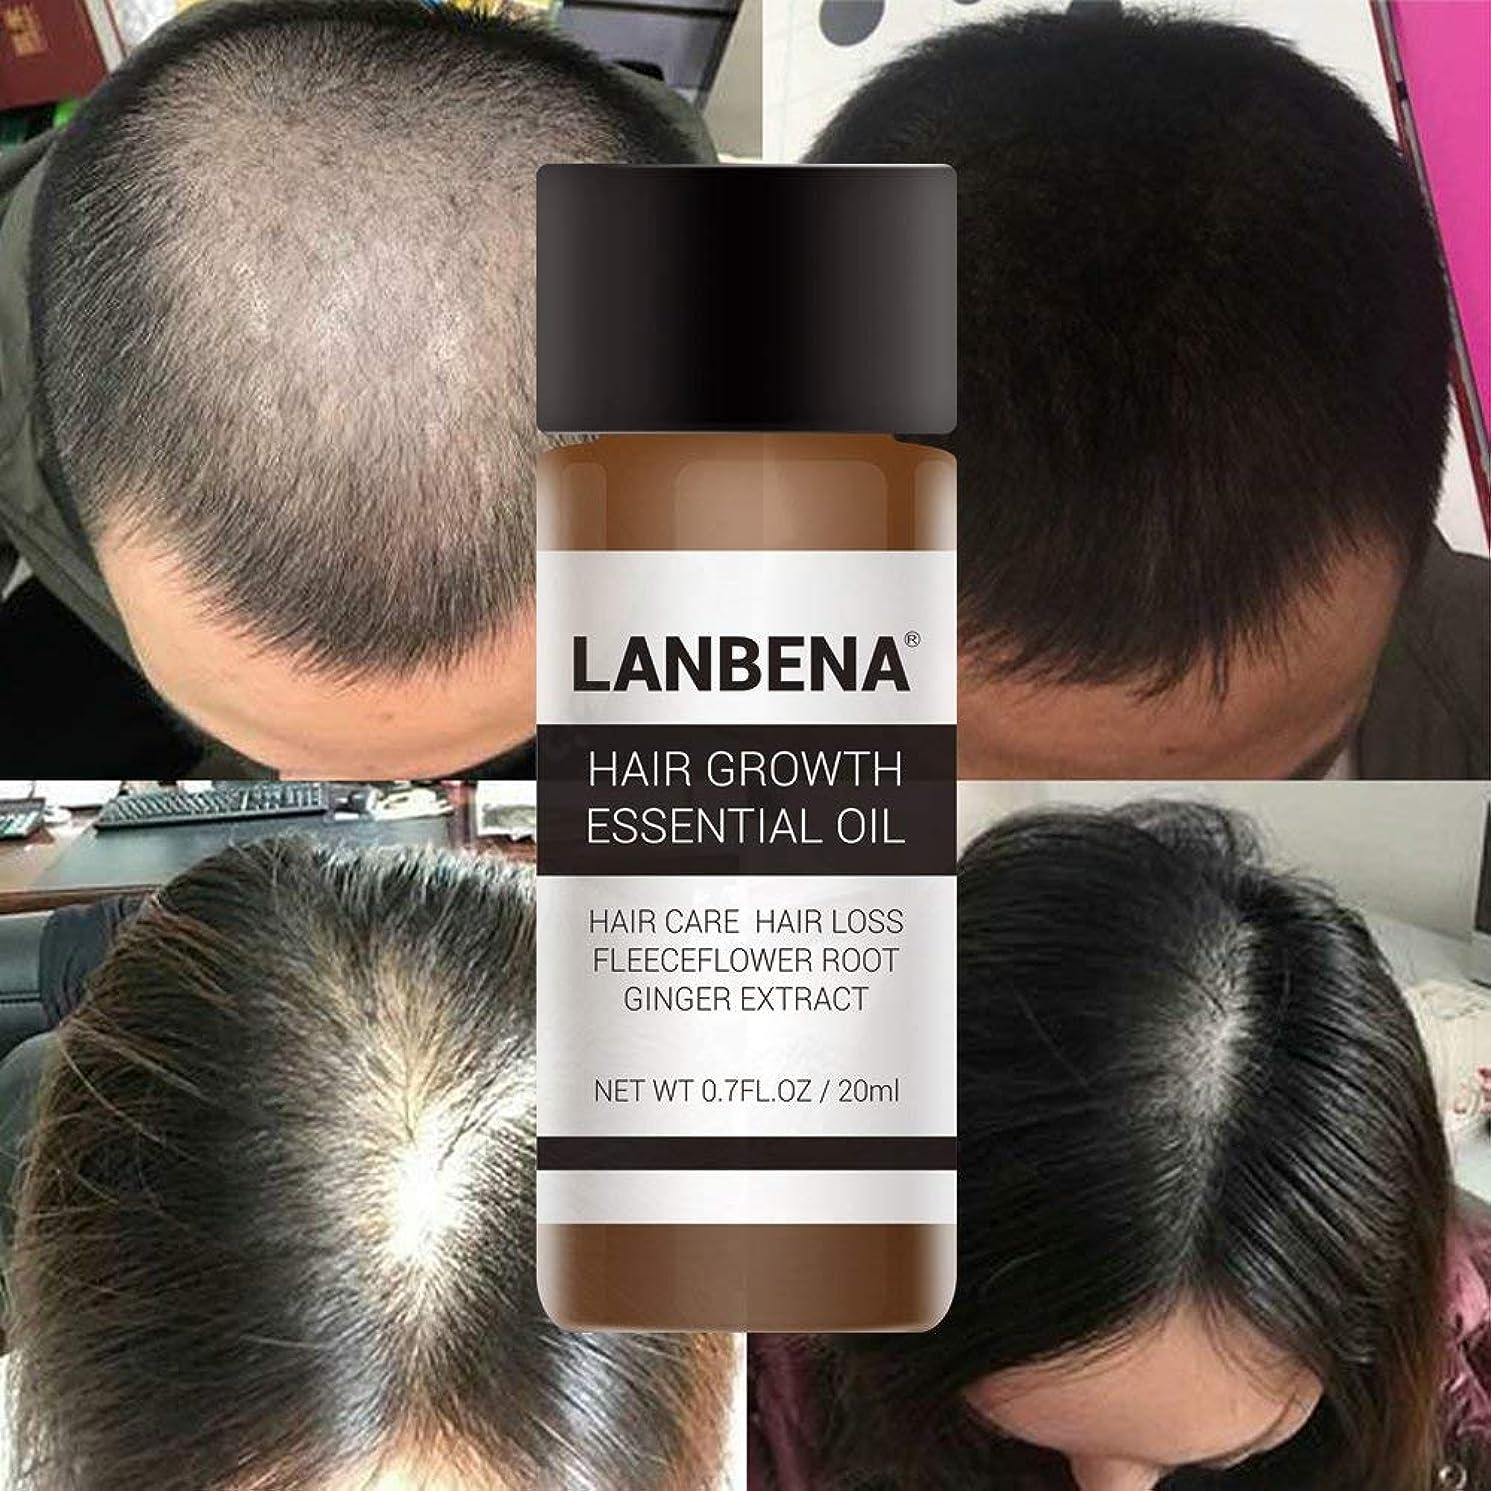 ピクニックマリナー後継(最高の品質と価格)3×20ミリリットル高速強力な髪の成長エッセンス製品エッセンシャルオイル液体トリートメント防止脱毛ヘアケア20ミリリットル×3ピース (Best Quality & Price) 3X 20ml Fast Powerful Hair Growth Essence Products Essential Oil Liquid Treatment Preventing Hair Loss Hair Care 20mlx3 Piece